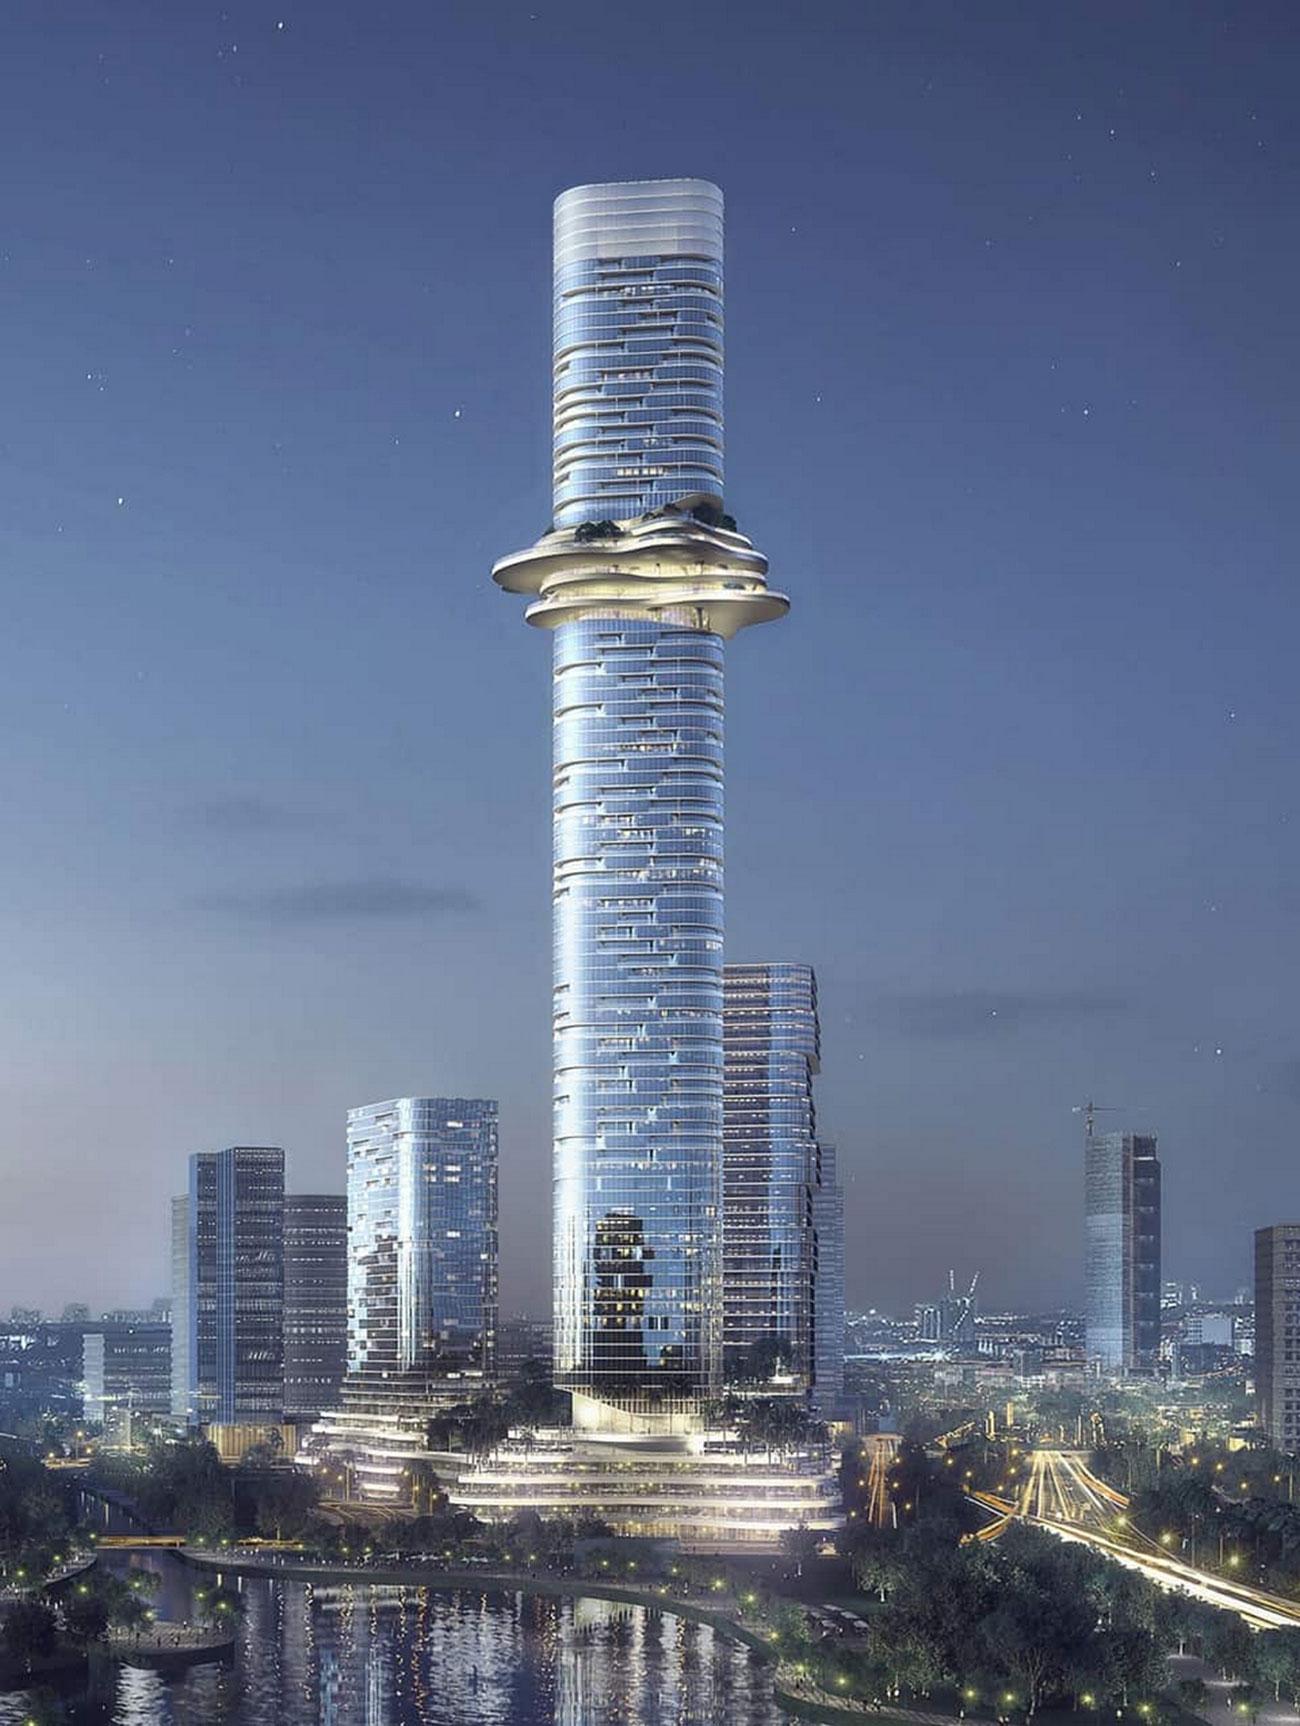 Tòa Empire Tower 88 sẽ trở thành tòa nhà cao nhất Việt Nam sau khi hoàn thành